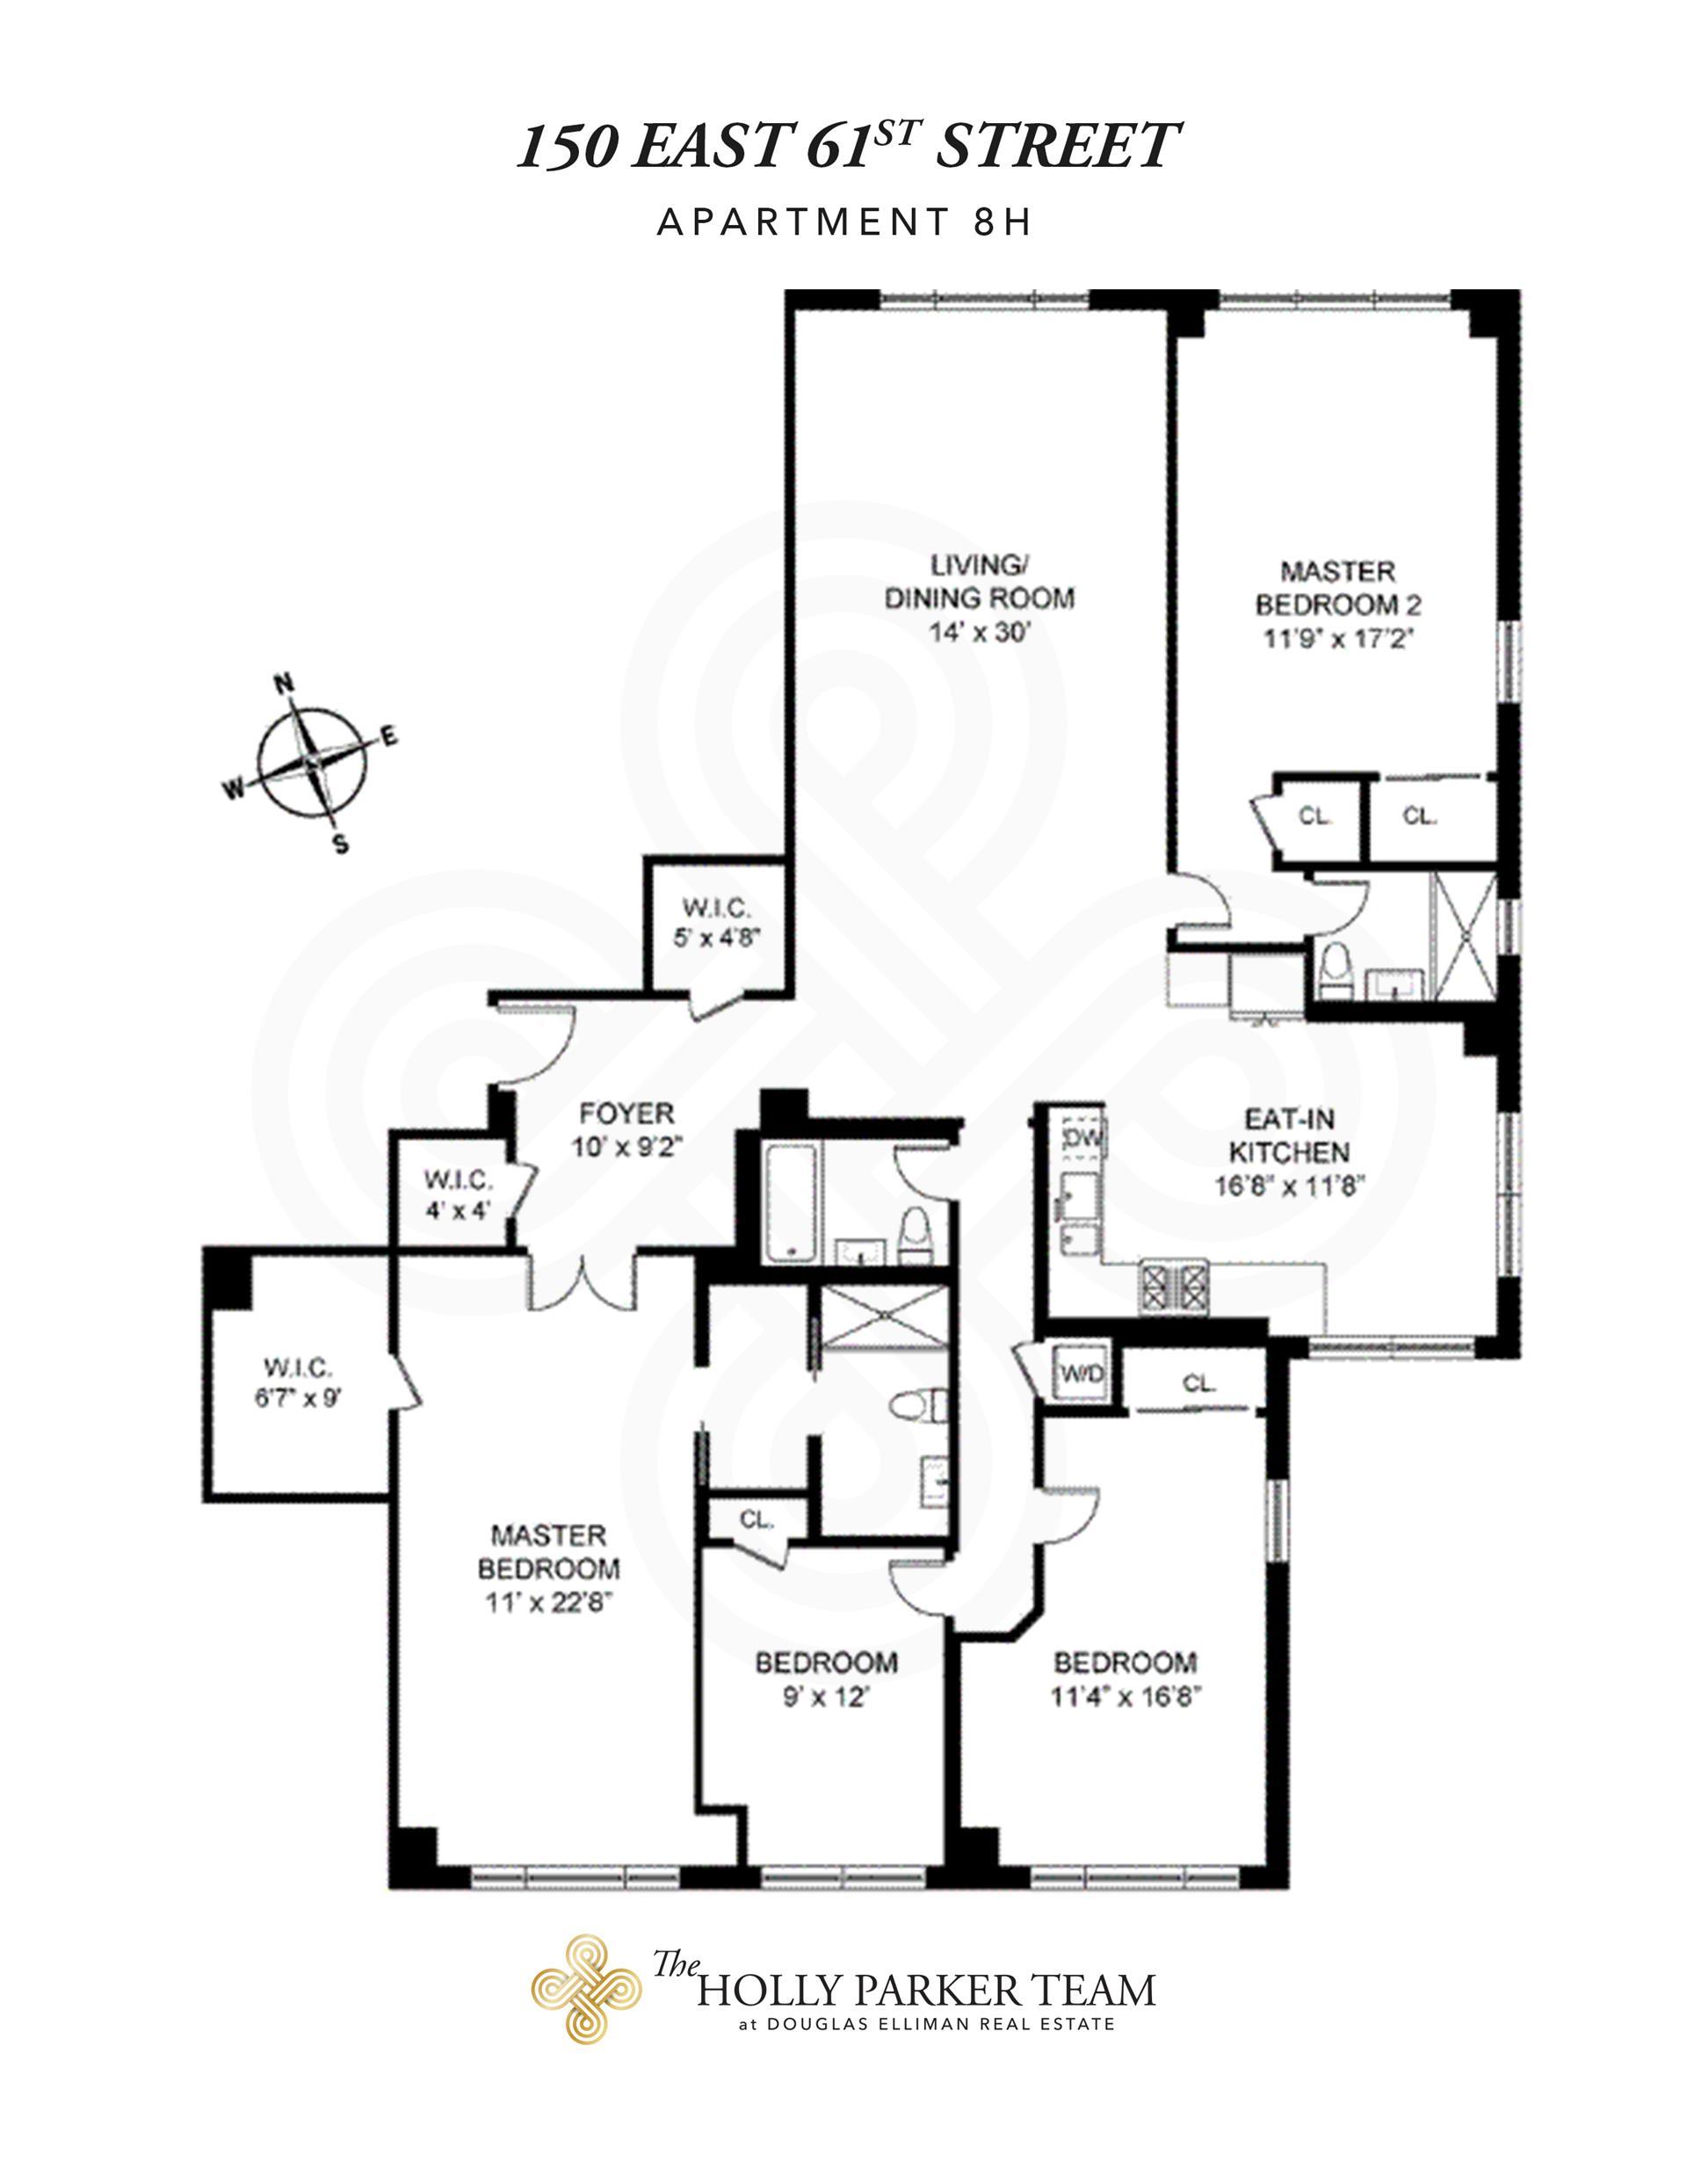 Floor plan of 150 East 61st St, 8H - Upper East Side, New York